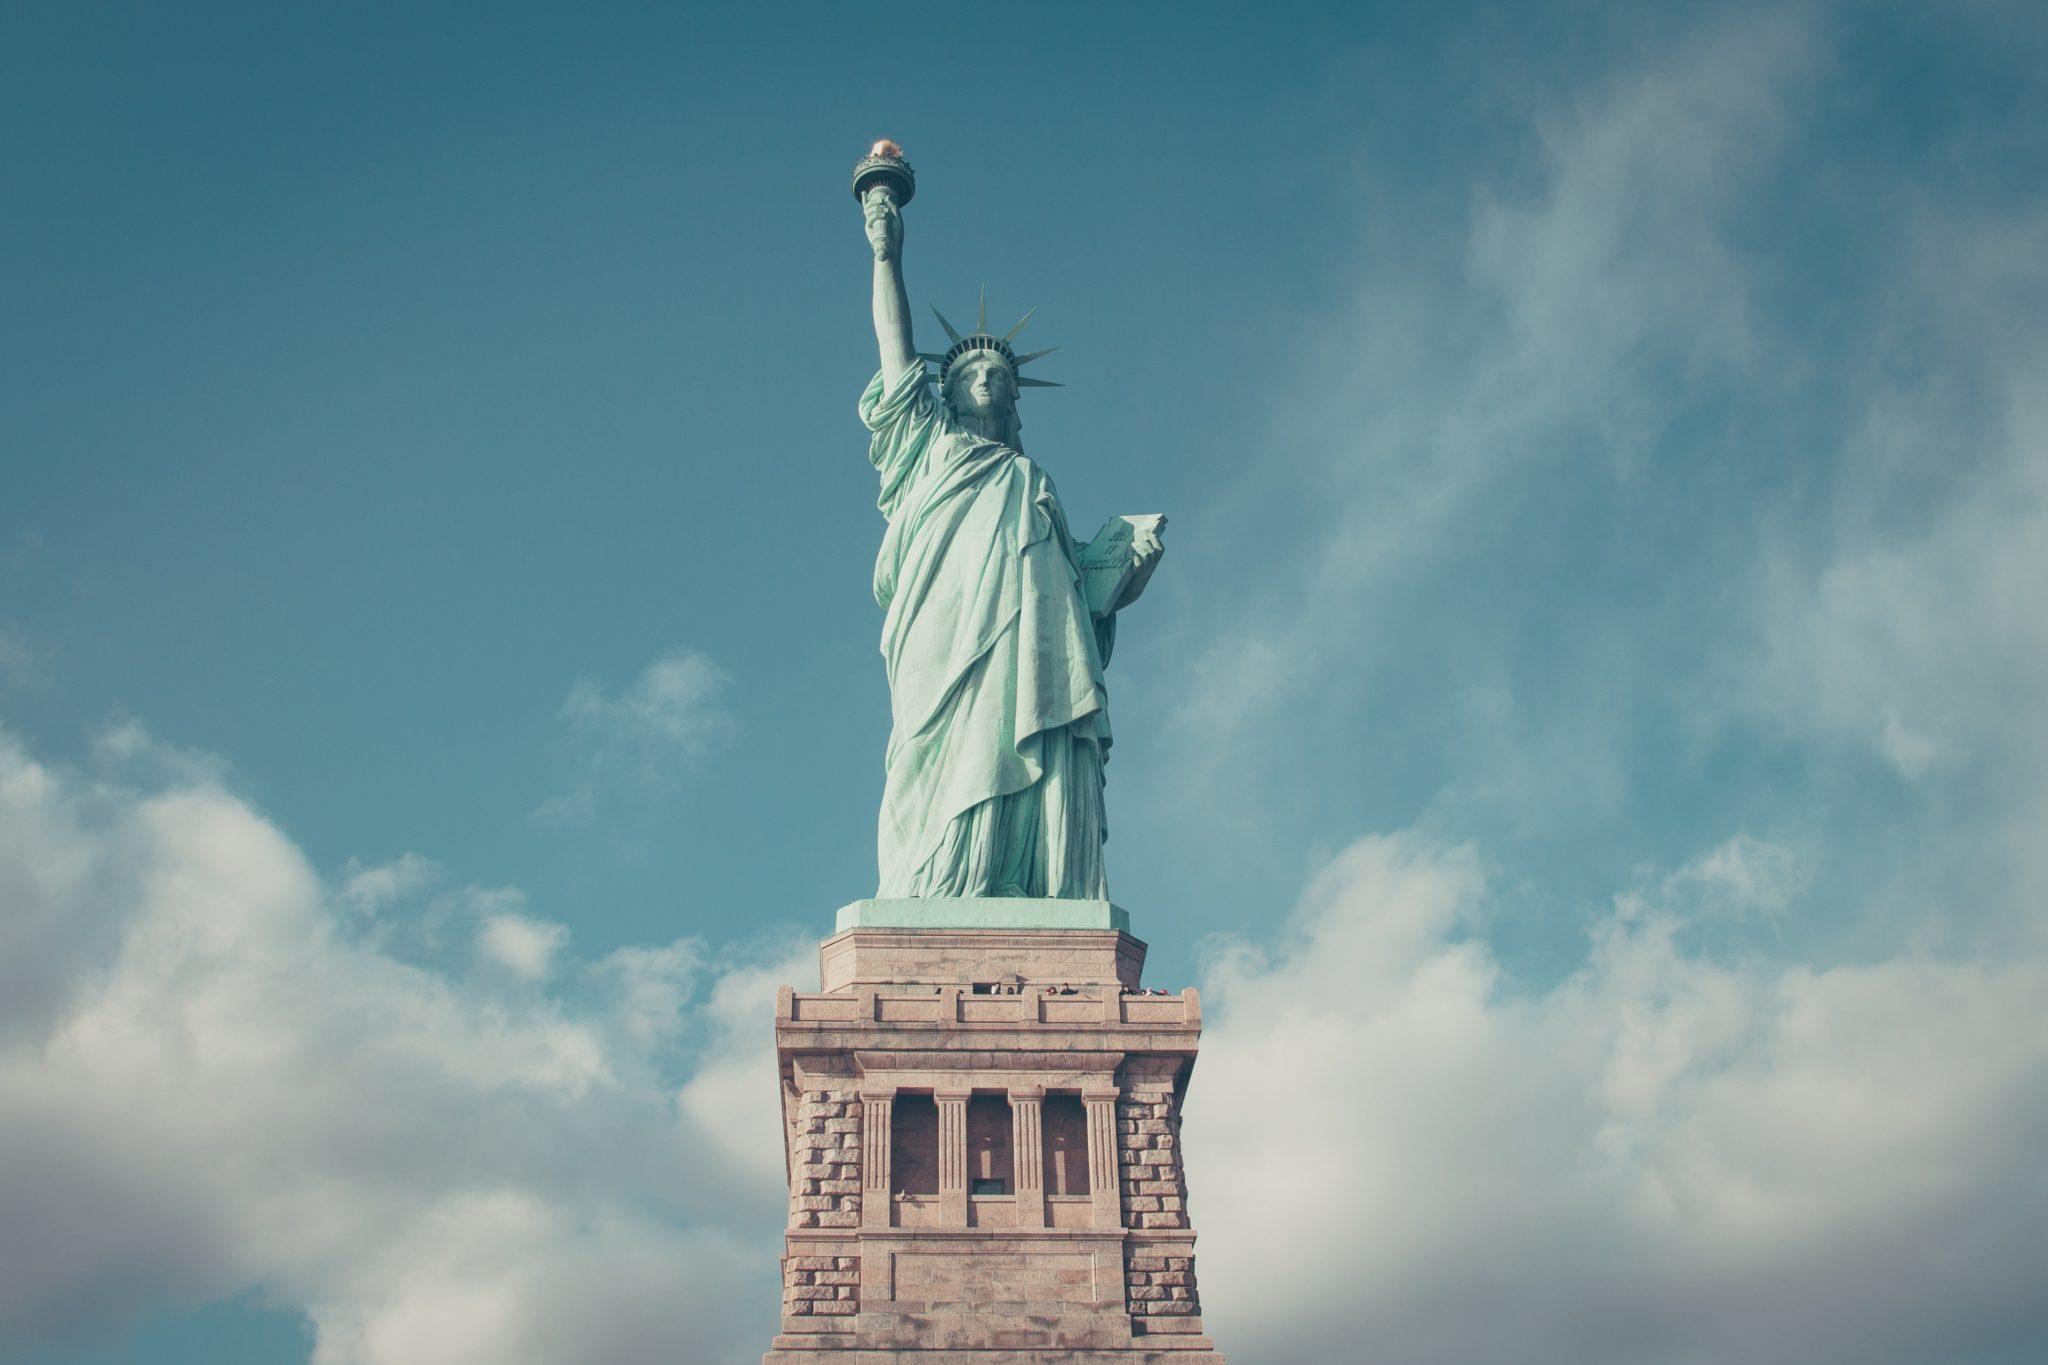 nejlepší připojení do New Yorku stačí připojit kontakt